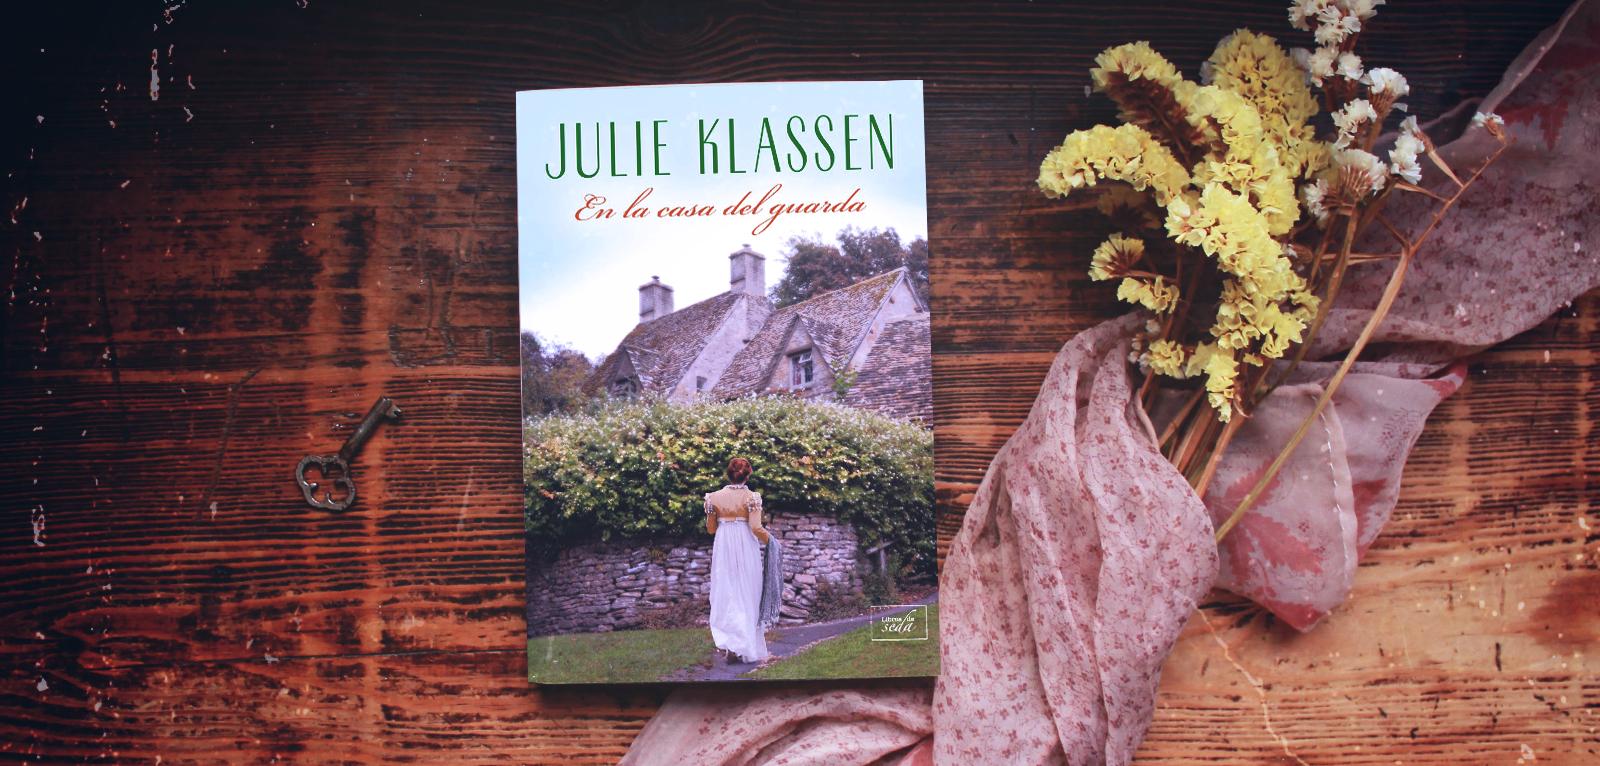 En la casa del guarda · Julie Klassen